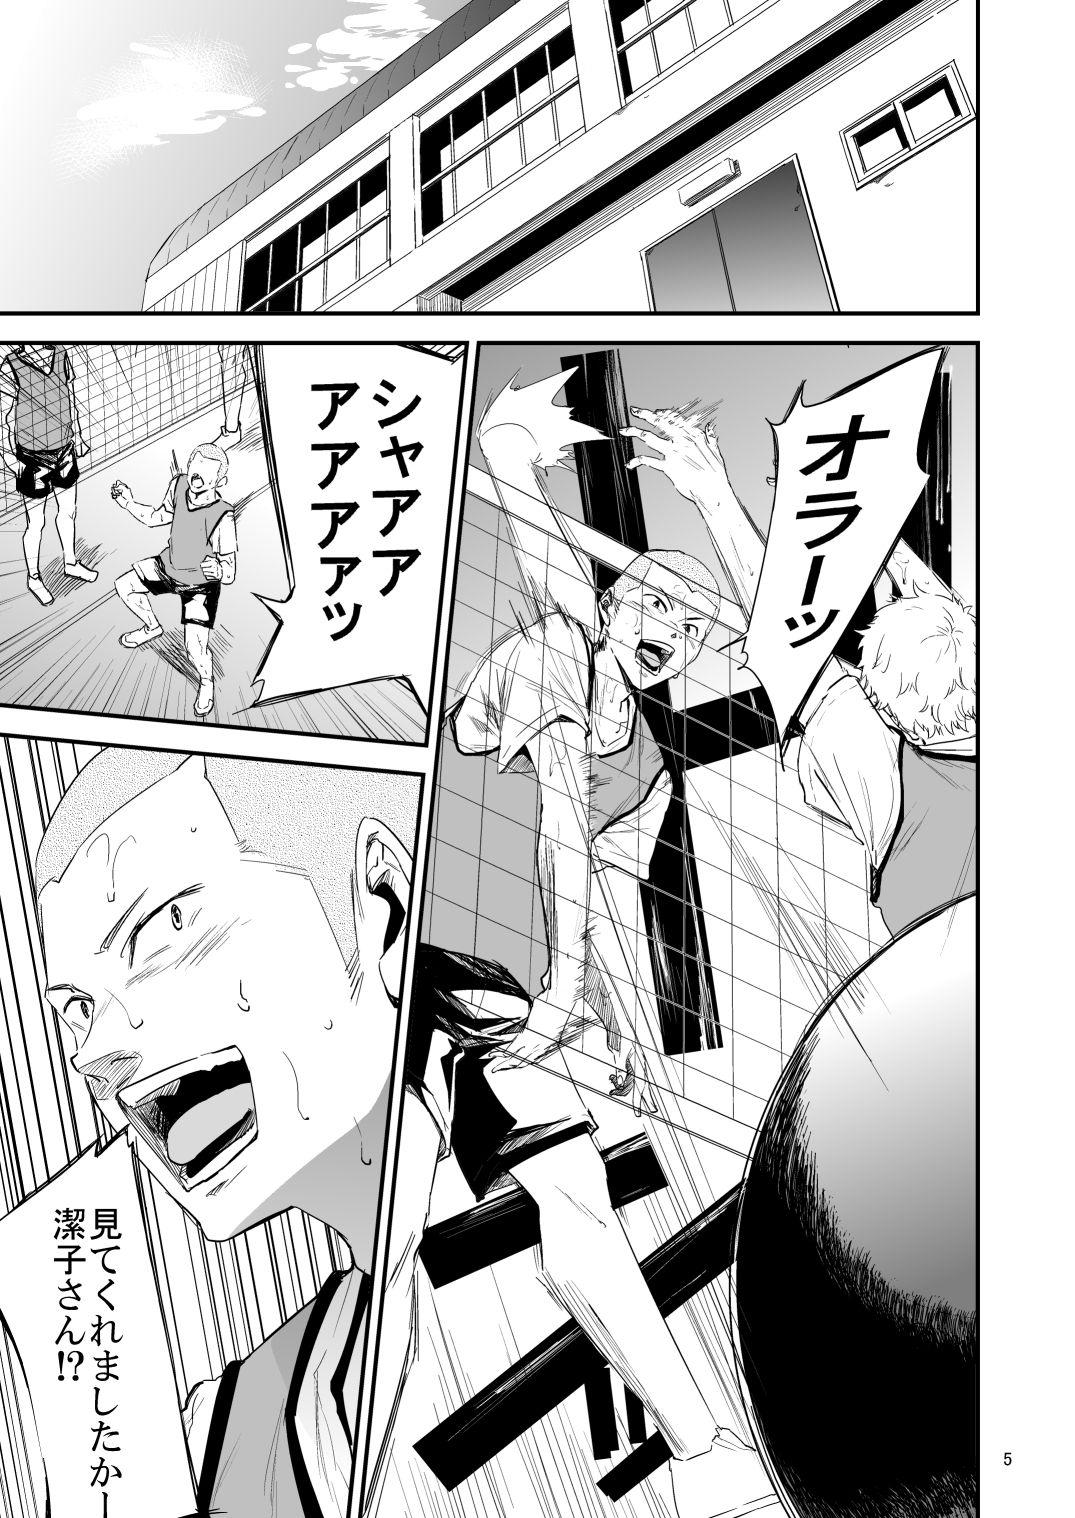 サンプル画像2:冴〇姐さんが大学の同級生に悪戯され弄ばれる本 3(ごしっぷごしっく) [d_196333]